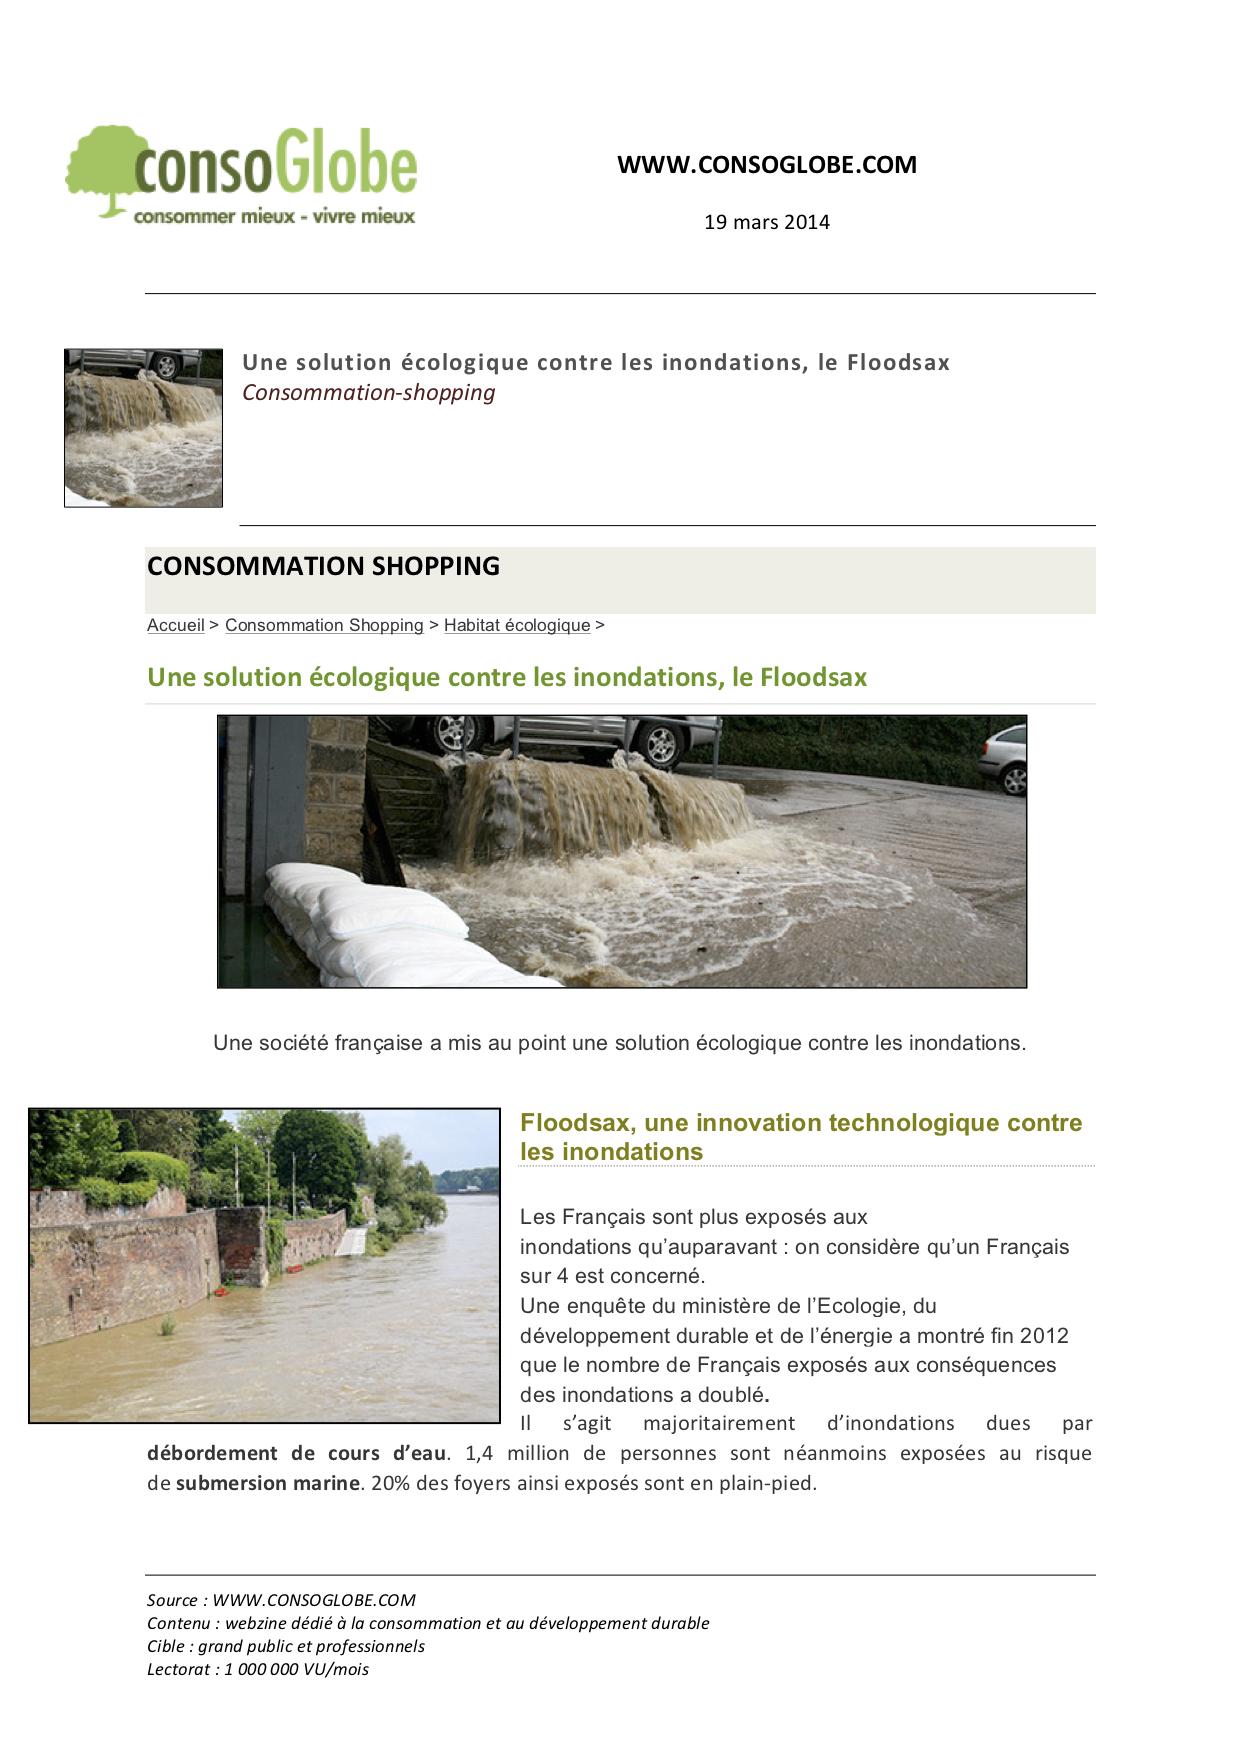 Consoglobe solution inondation écologique